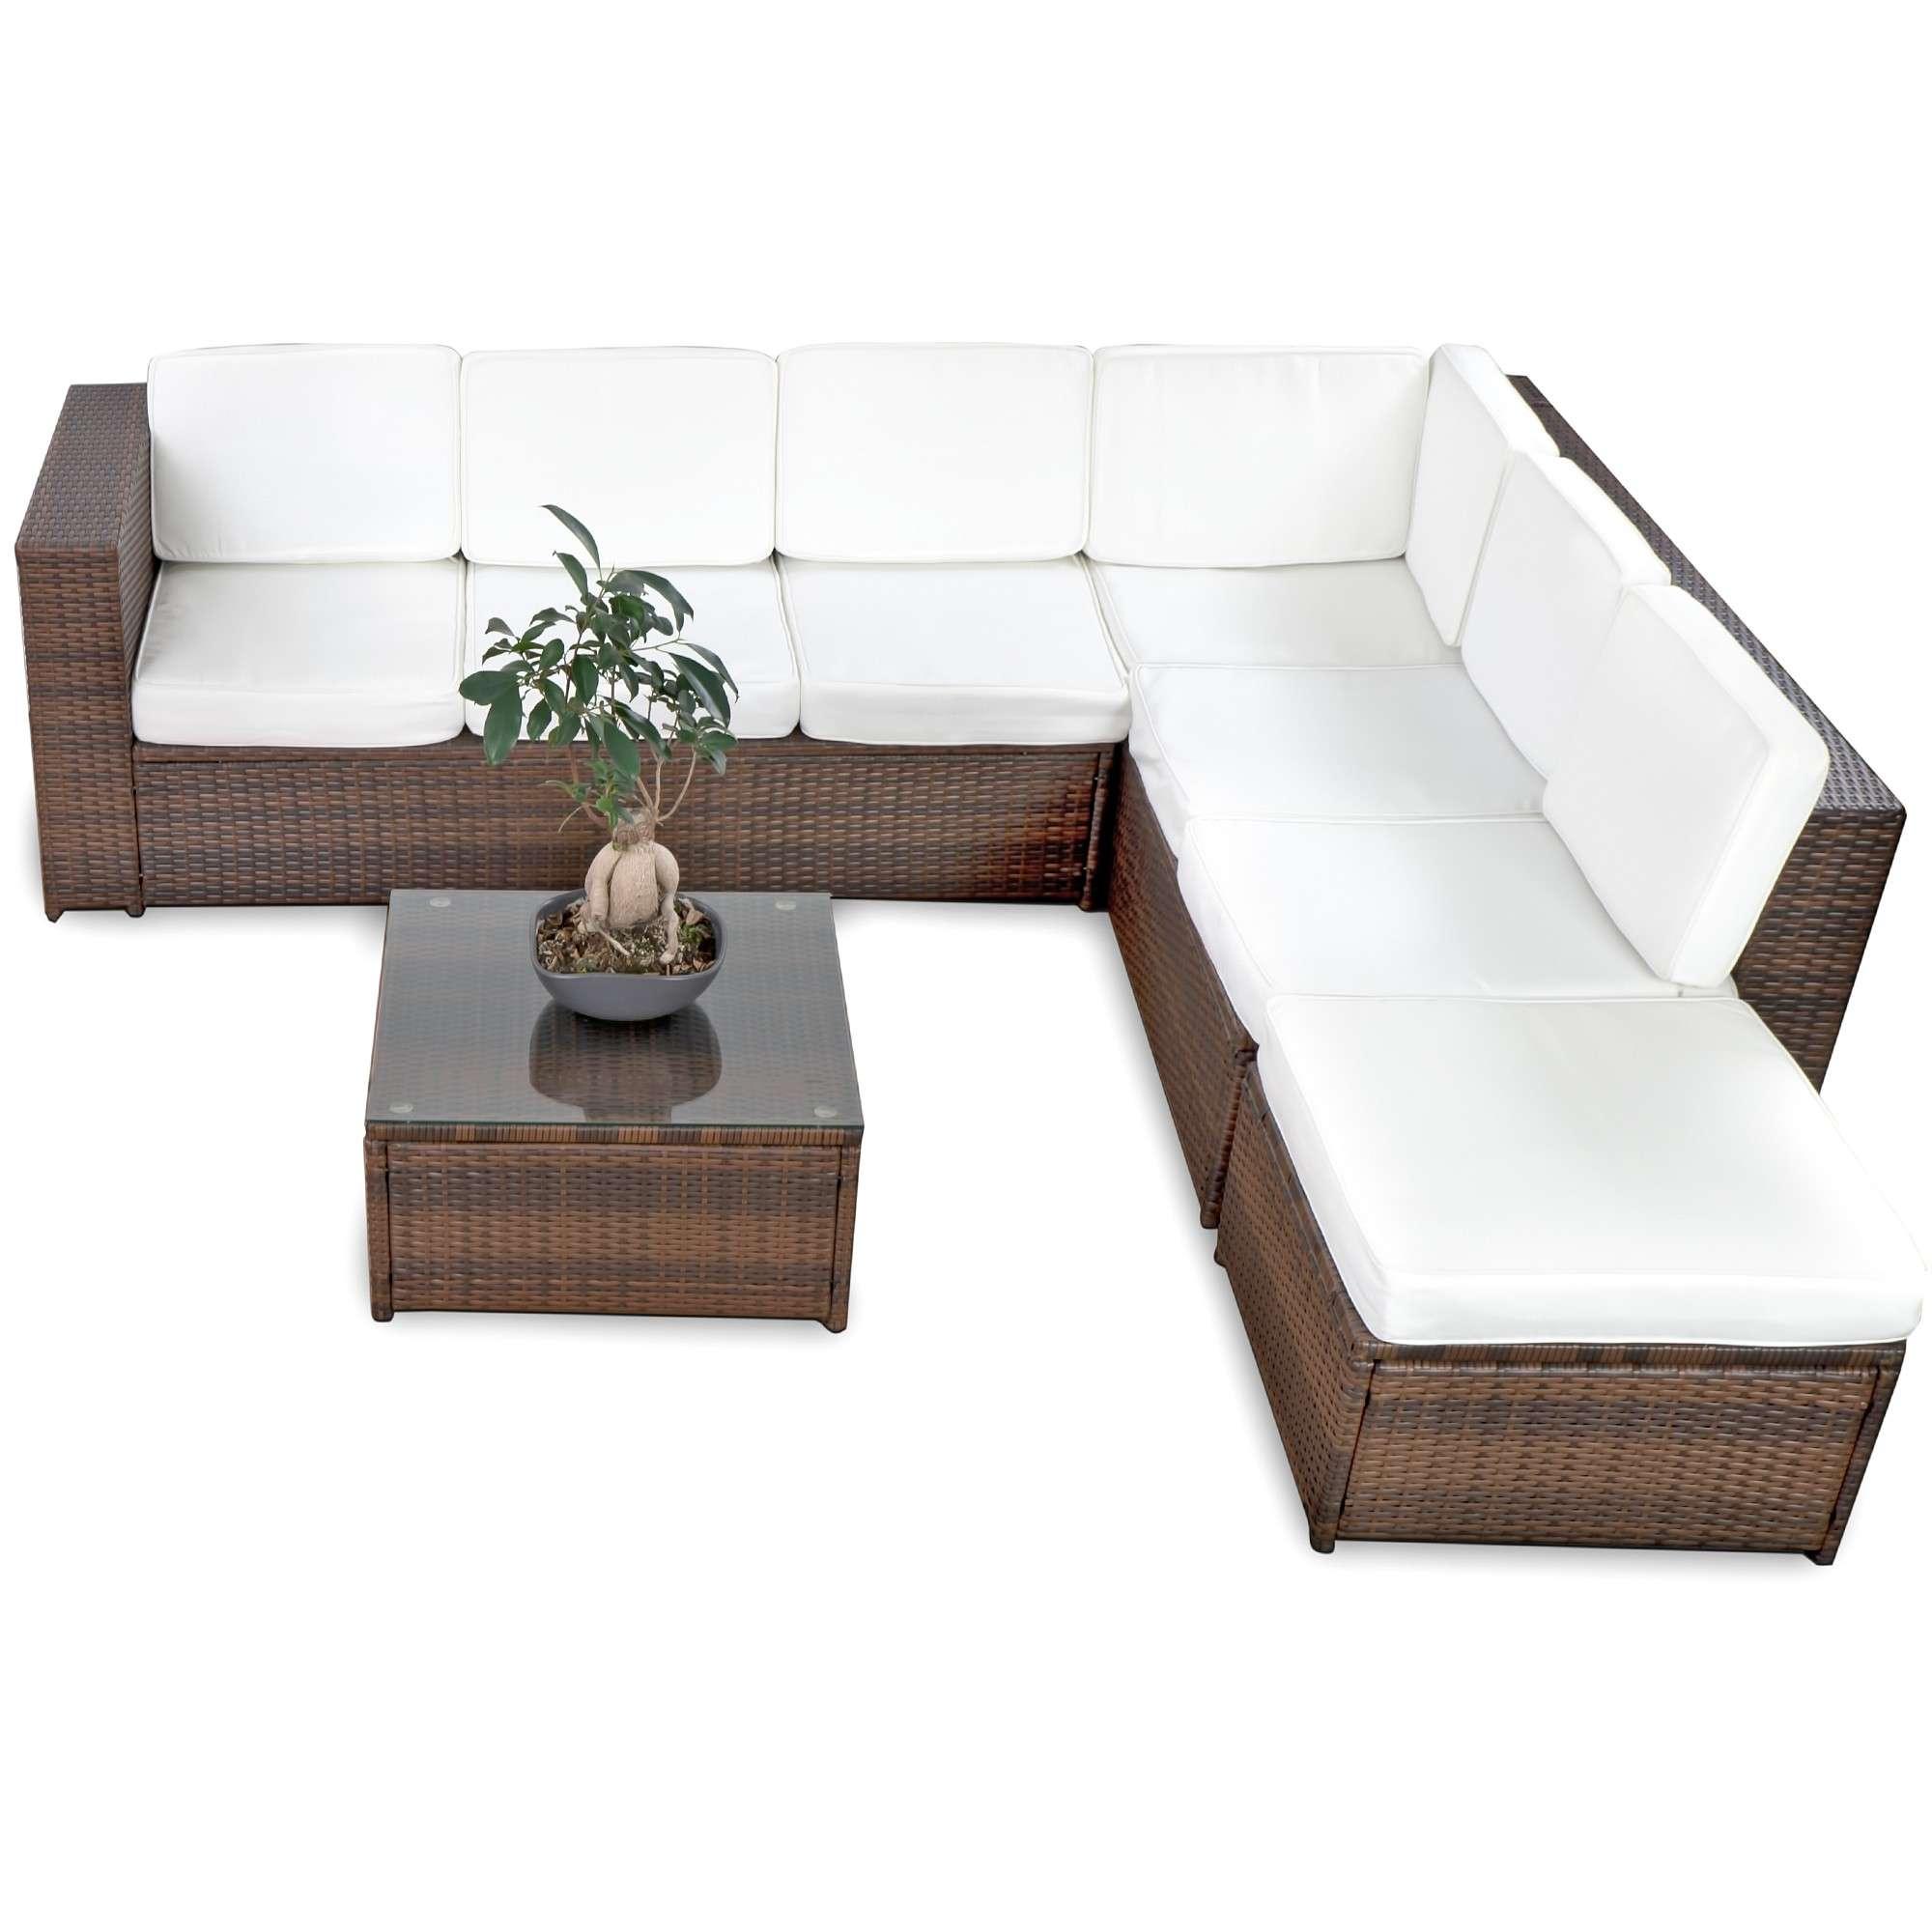 rattan set. Black Bedroom Furniture Sets. Home Design Ideas